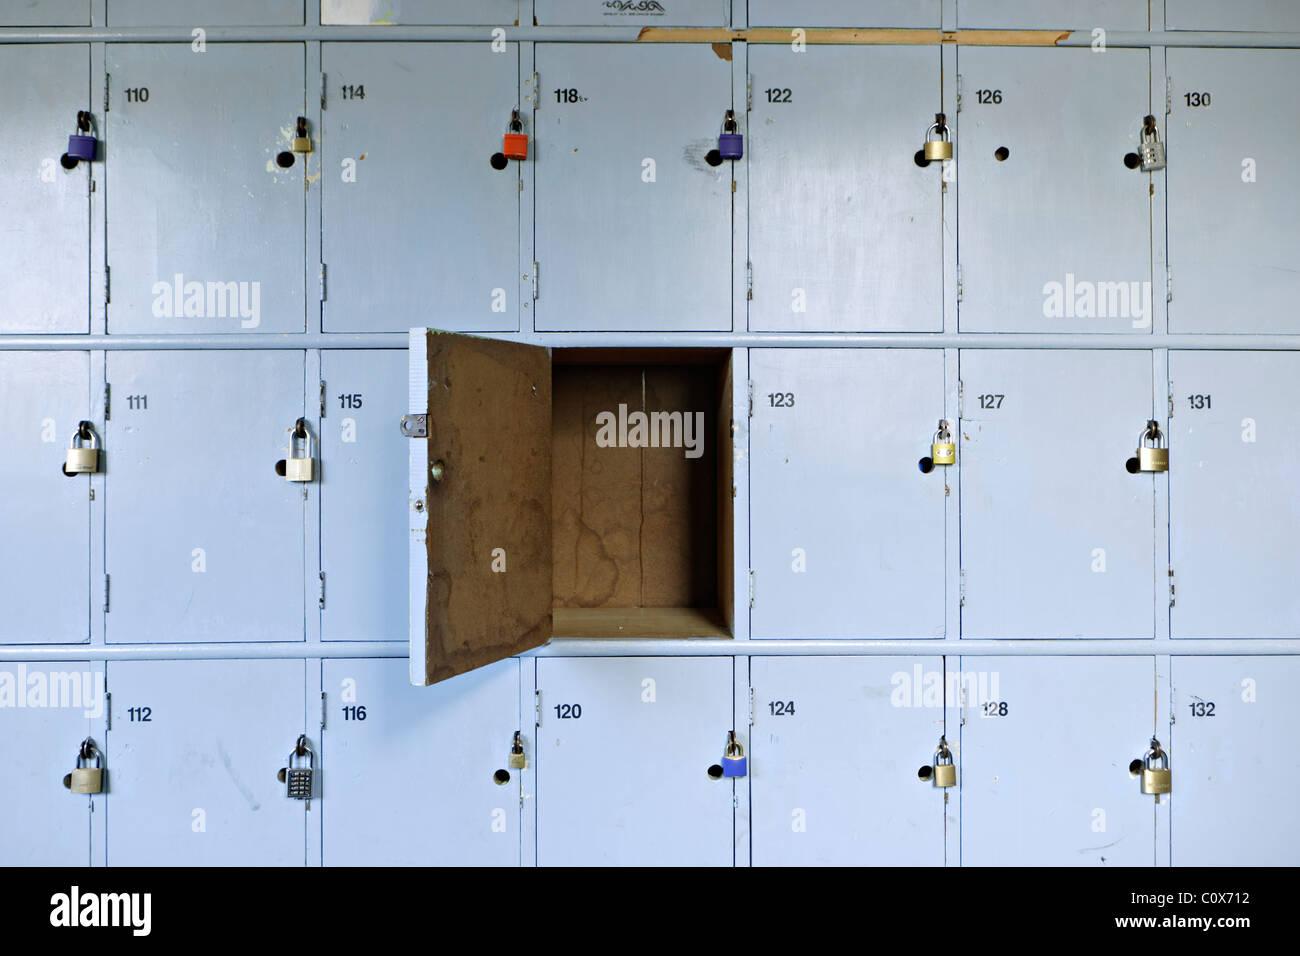 Los casilleros con candados. Imagen De Stock